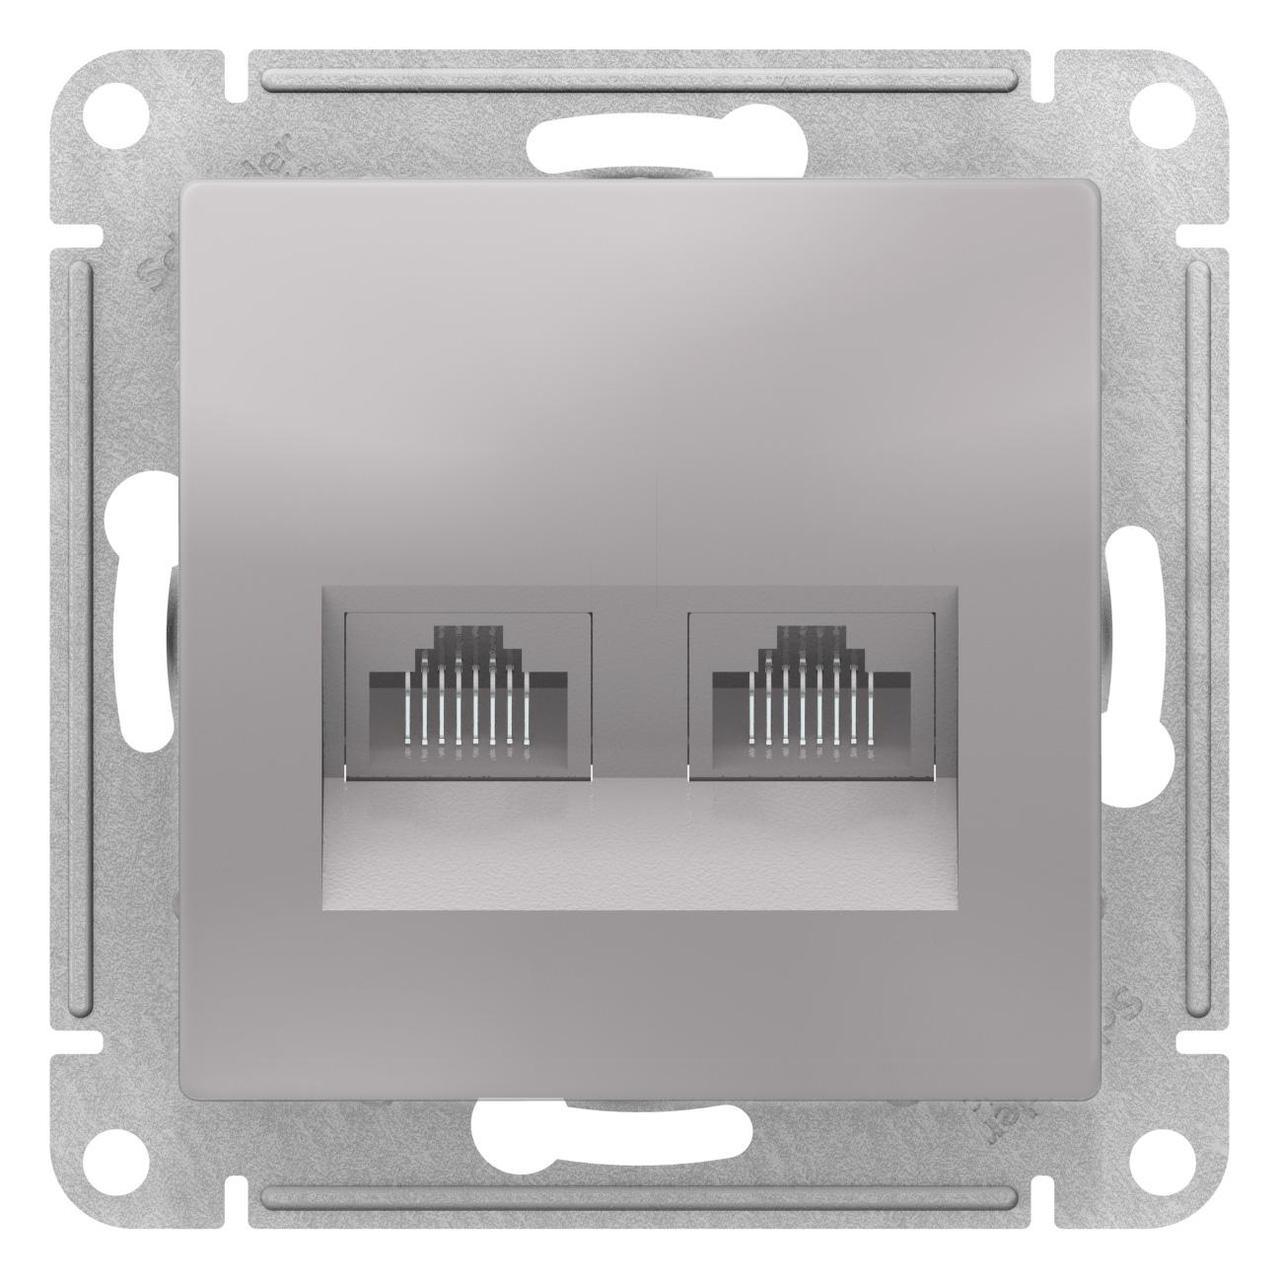 Розетка компьютерная 2-ая кат.5е, RJ-45 (интернет) , Алюминий, серия Atlas Design, Schneider Electric